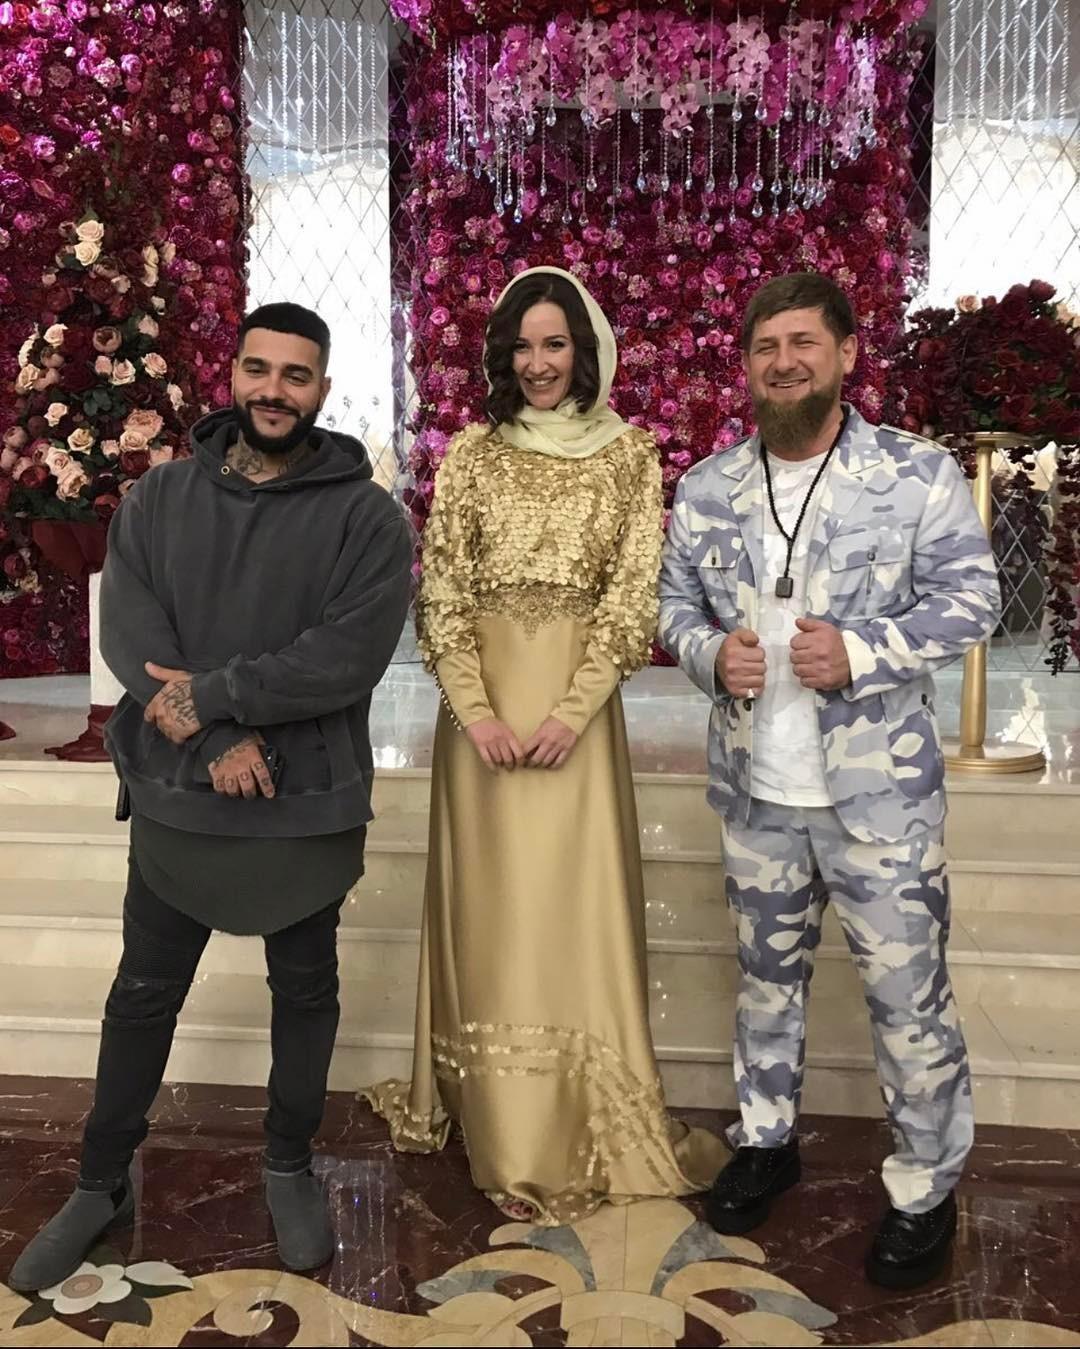 Бузова, Хилькевич, Тимати и другие посетили показ дочери Кадырова